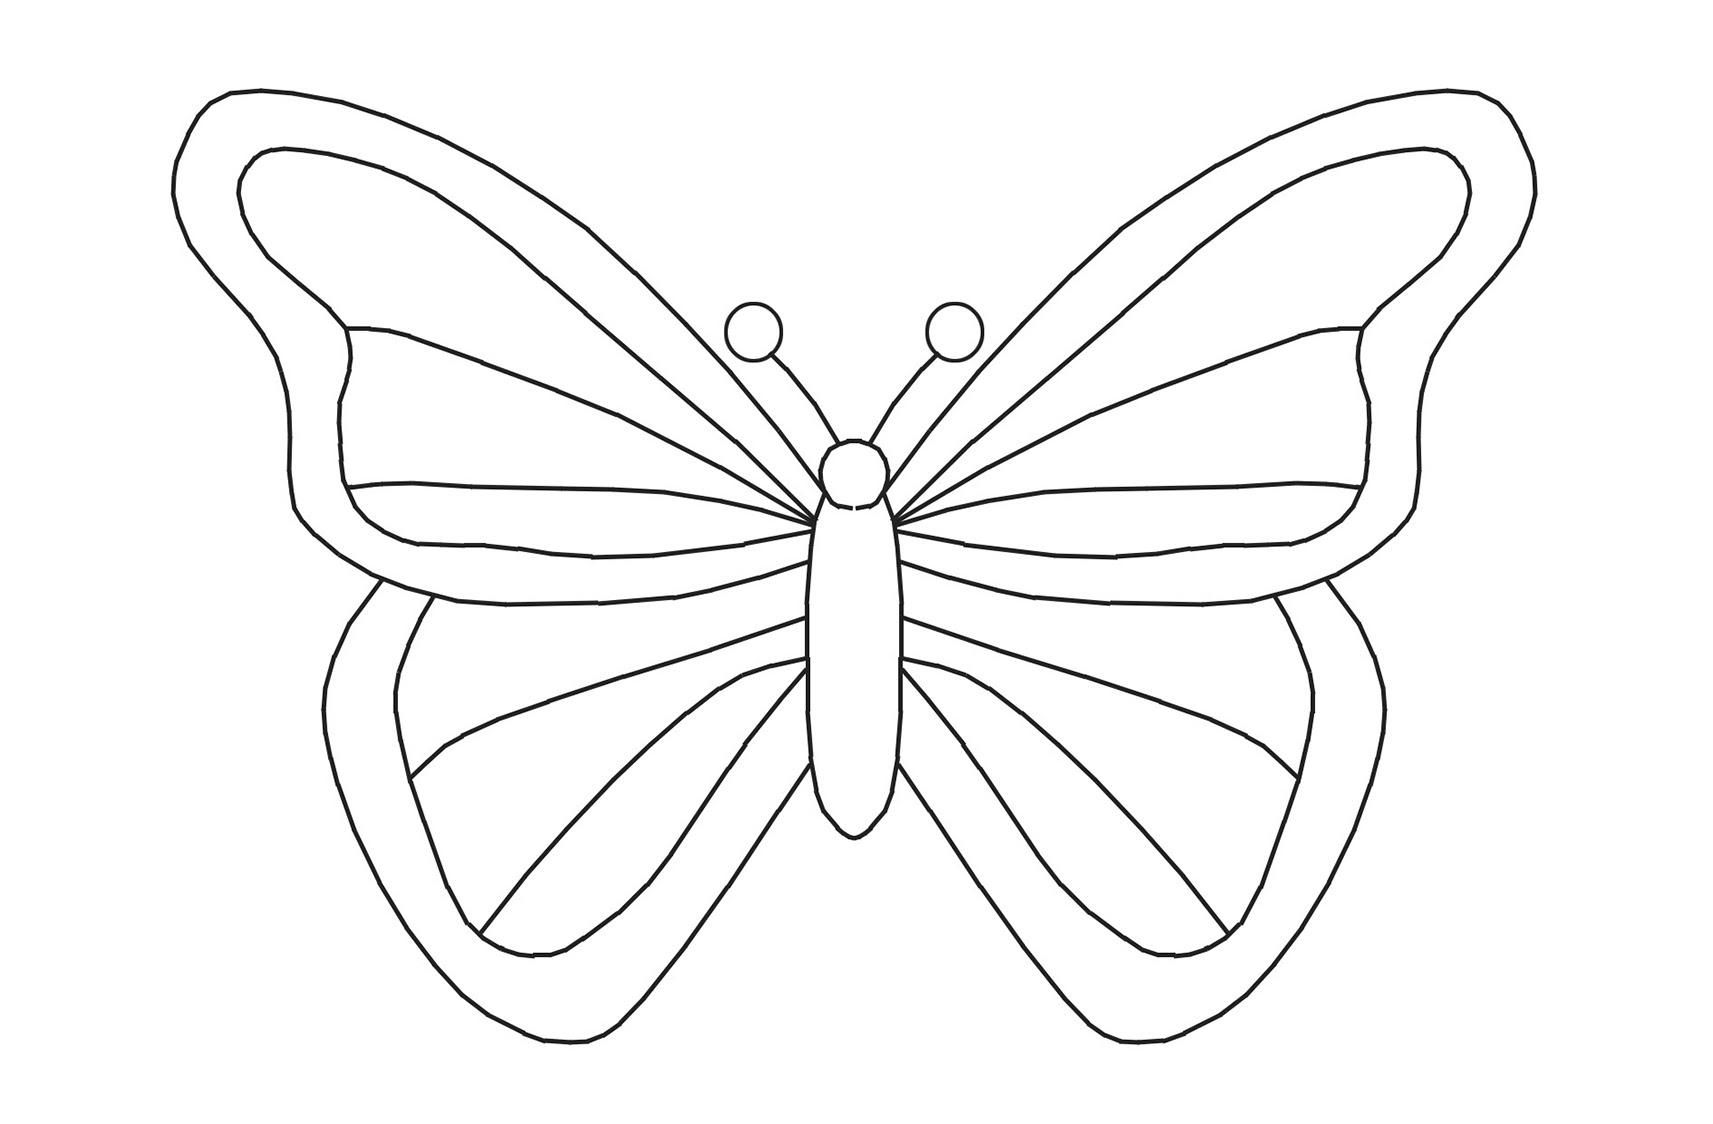 Kelebek El Kuklası Faber Castell Eğlenceli Boyama Projedenizi